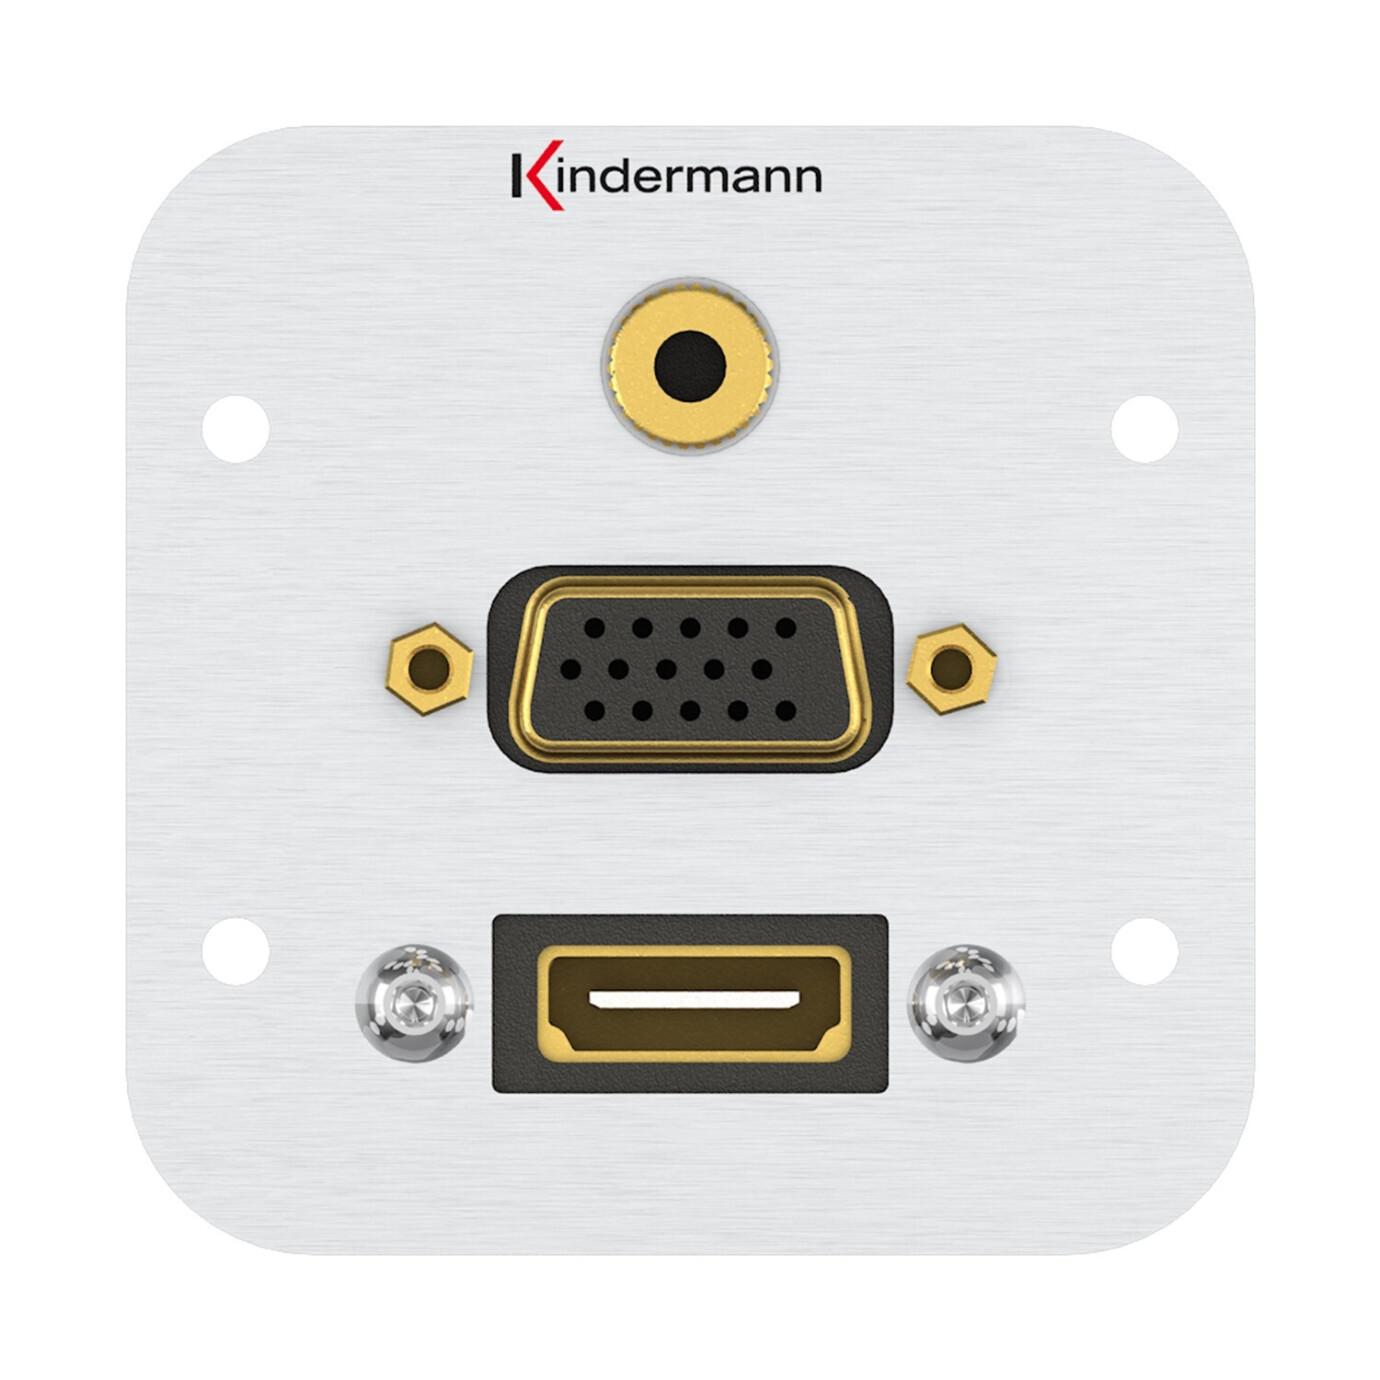 Kindermann Konnect Anschlussblende HDMI, VGA, Audio Klinke 3,5mm Stereo mit Kabelpeitsche Vollblende 54 x 54 mm Aluminium eloxiert